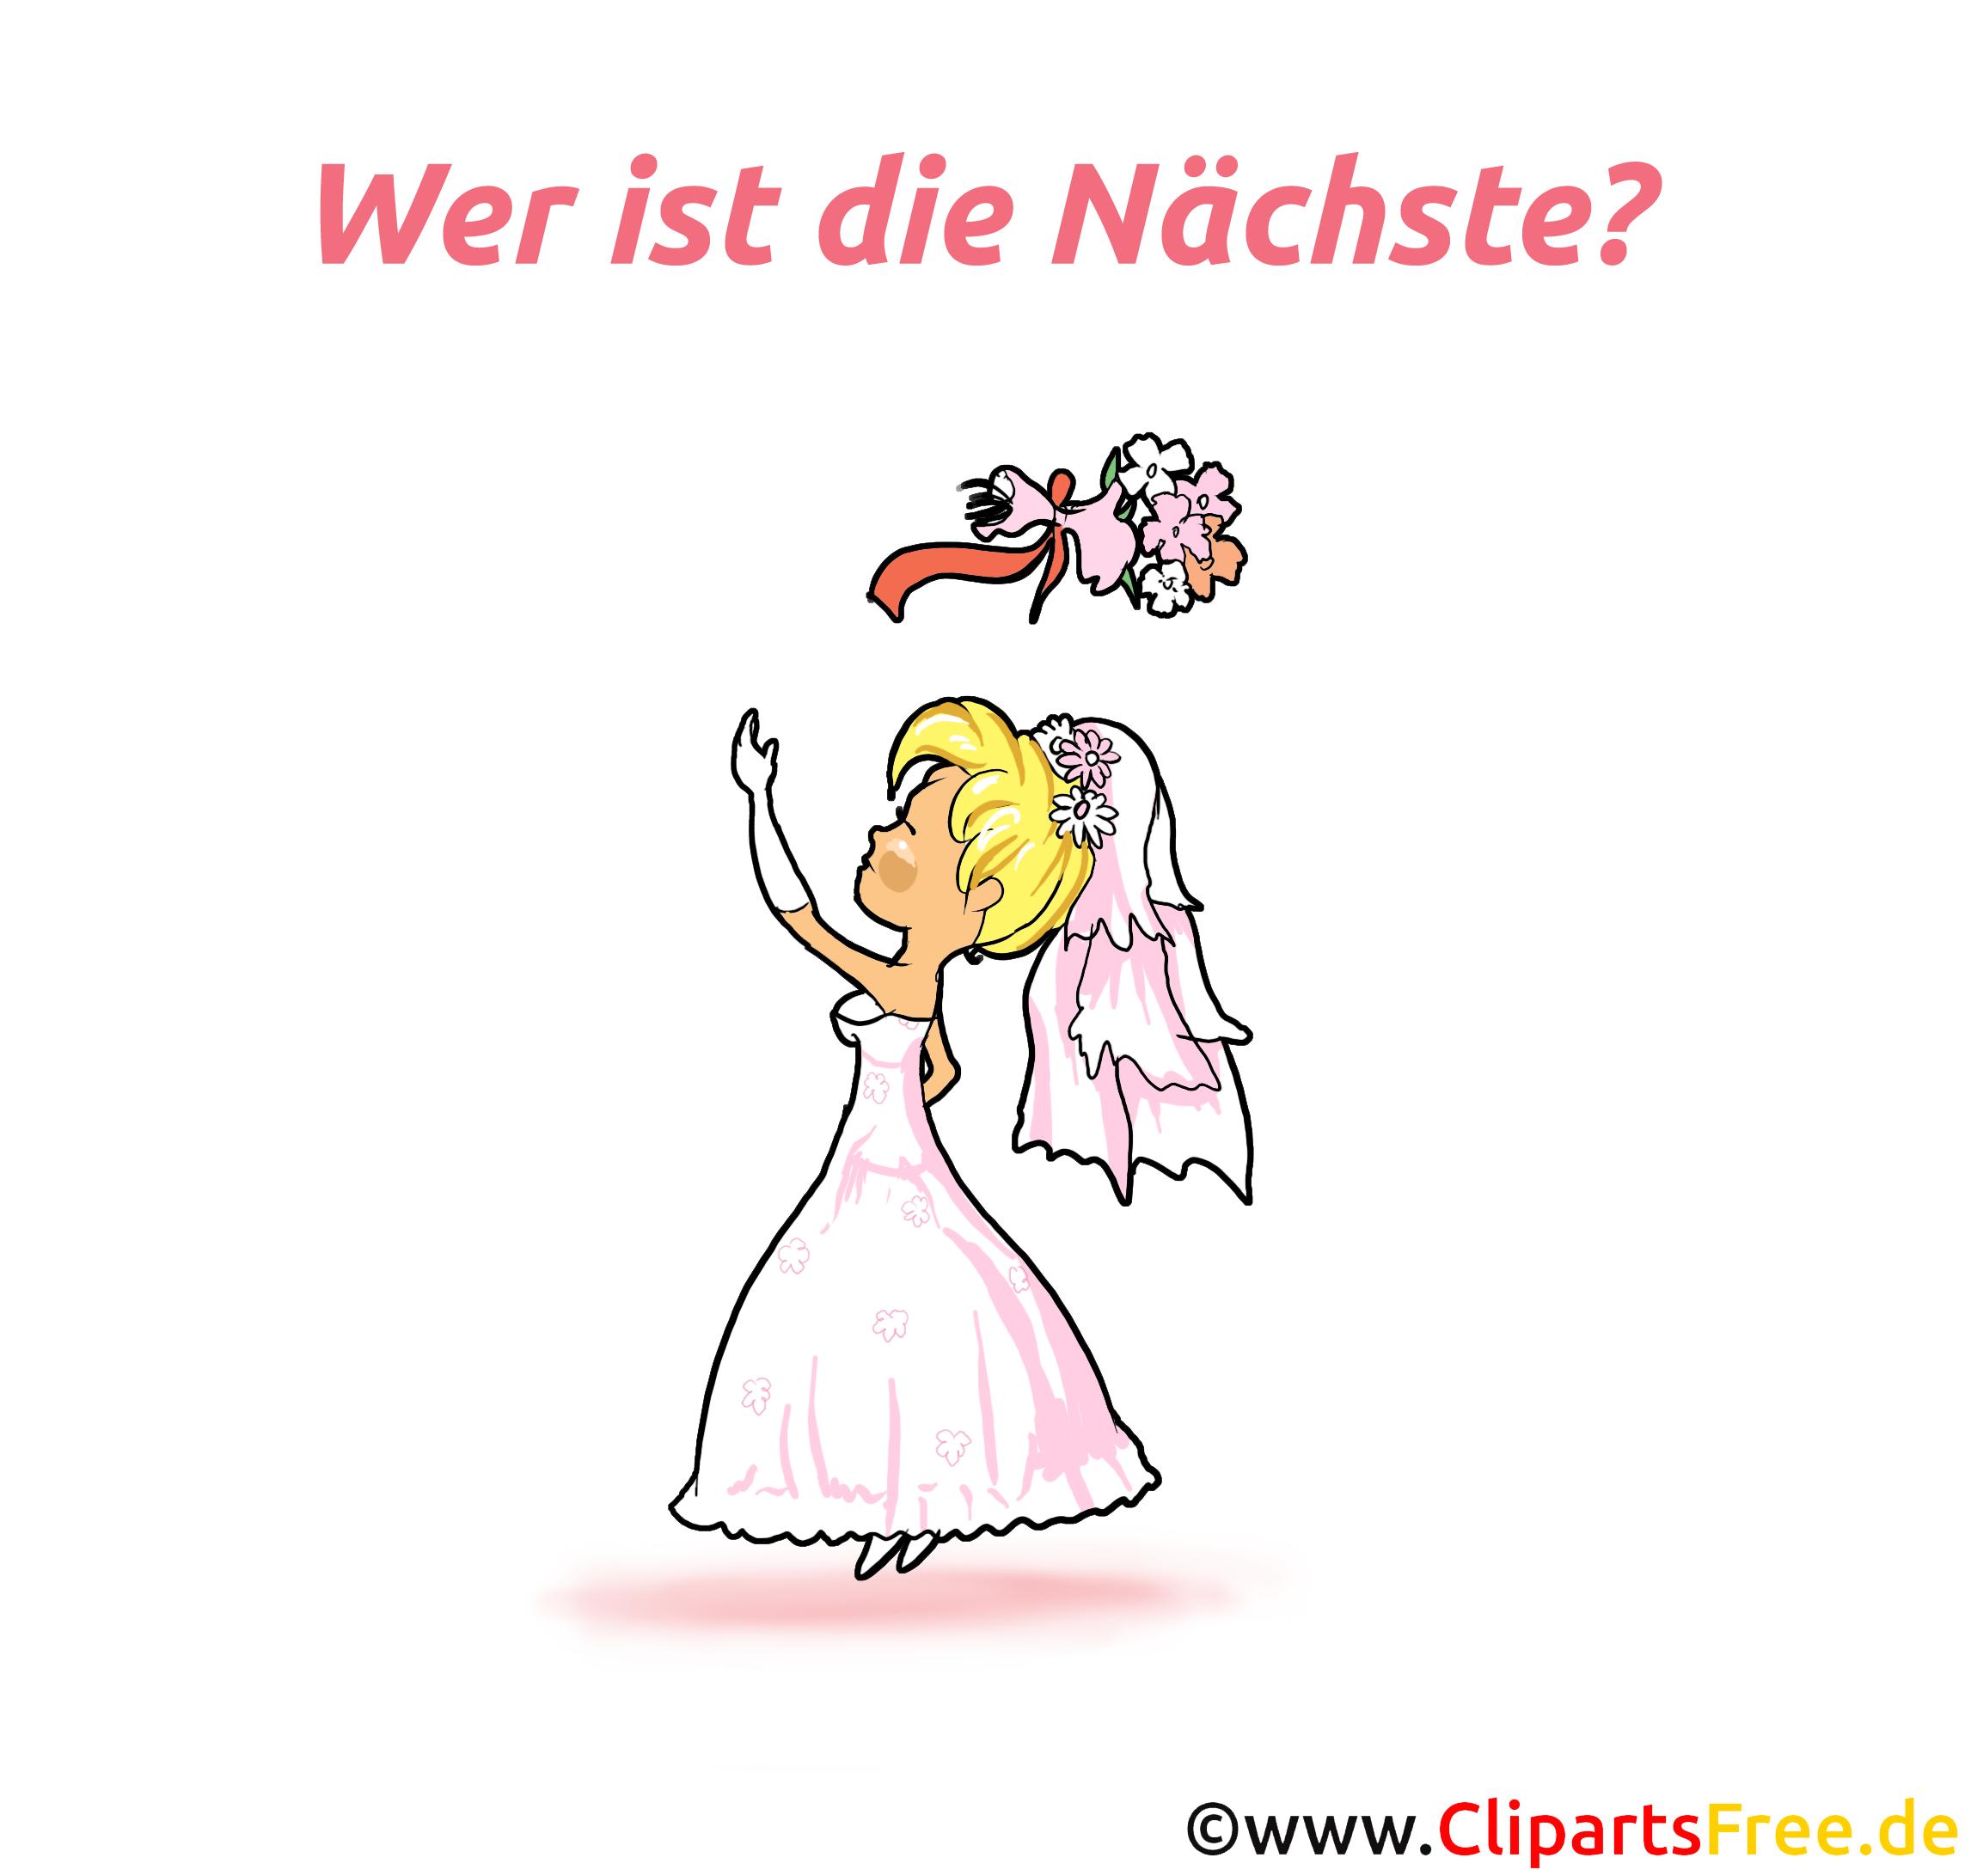 Brautstrauss werfen - Bild, Clipart, Cartoon, Grafik gratis